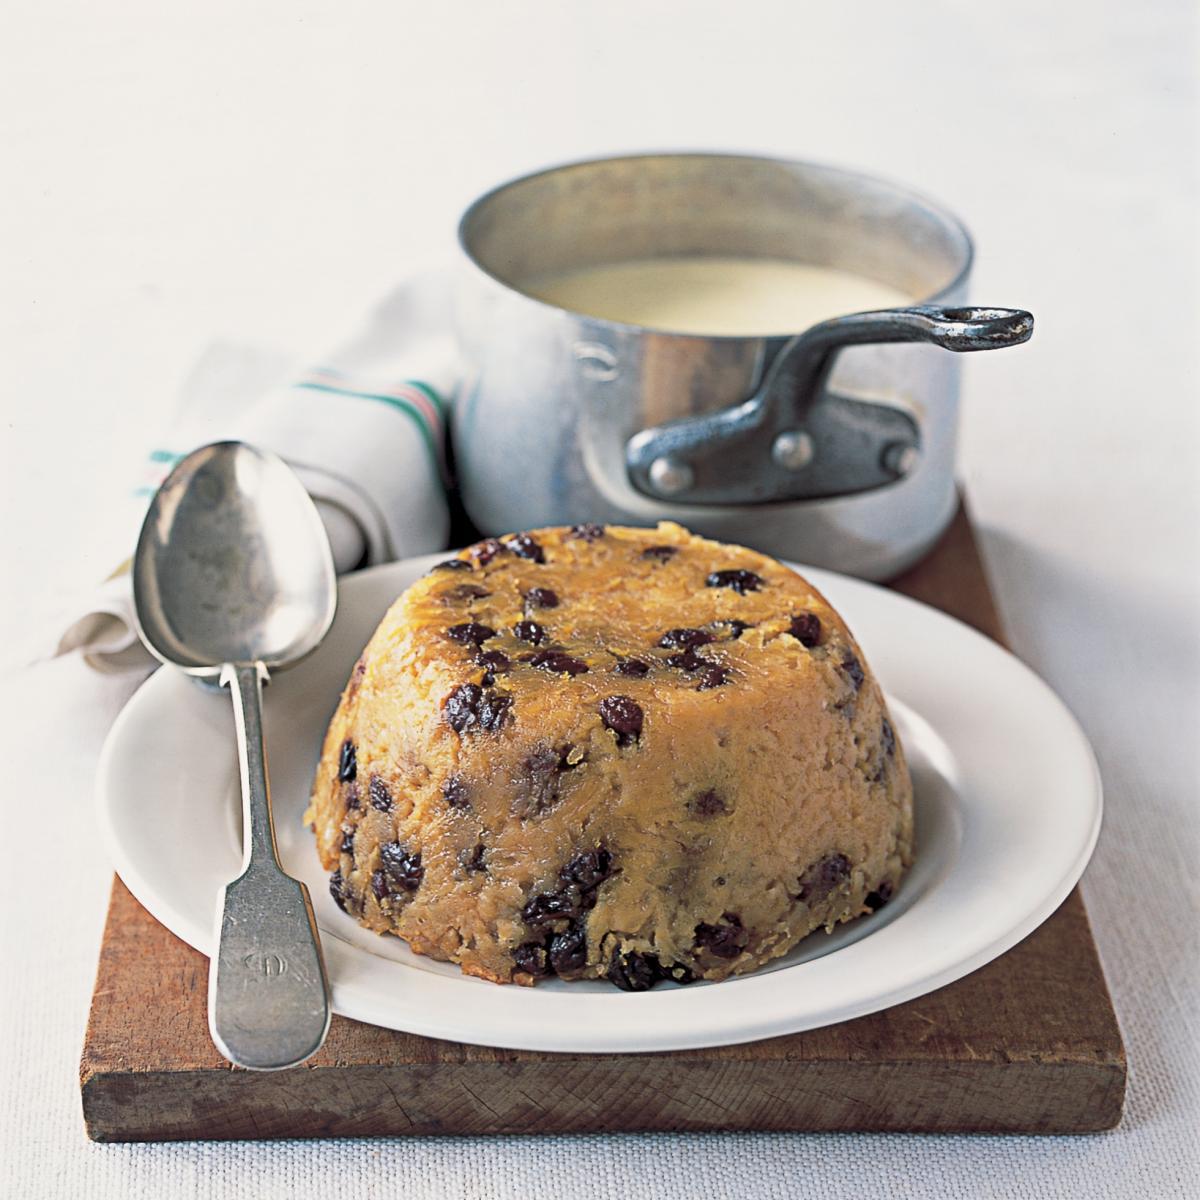 Puddings st stephens pudding